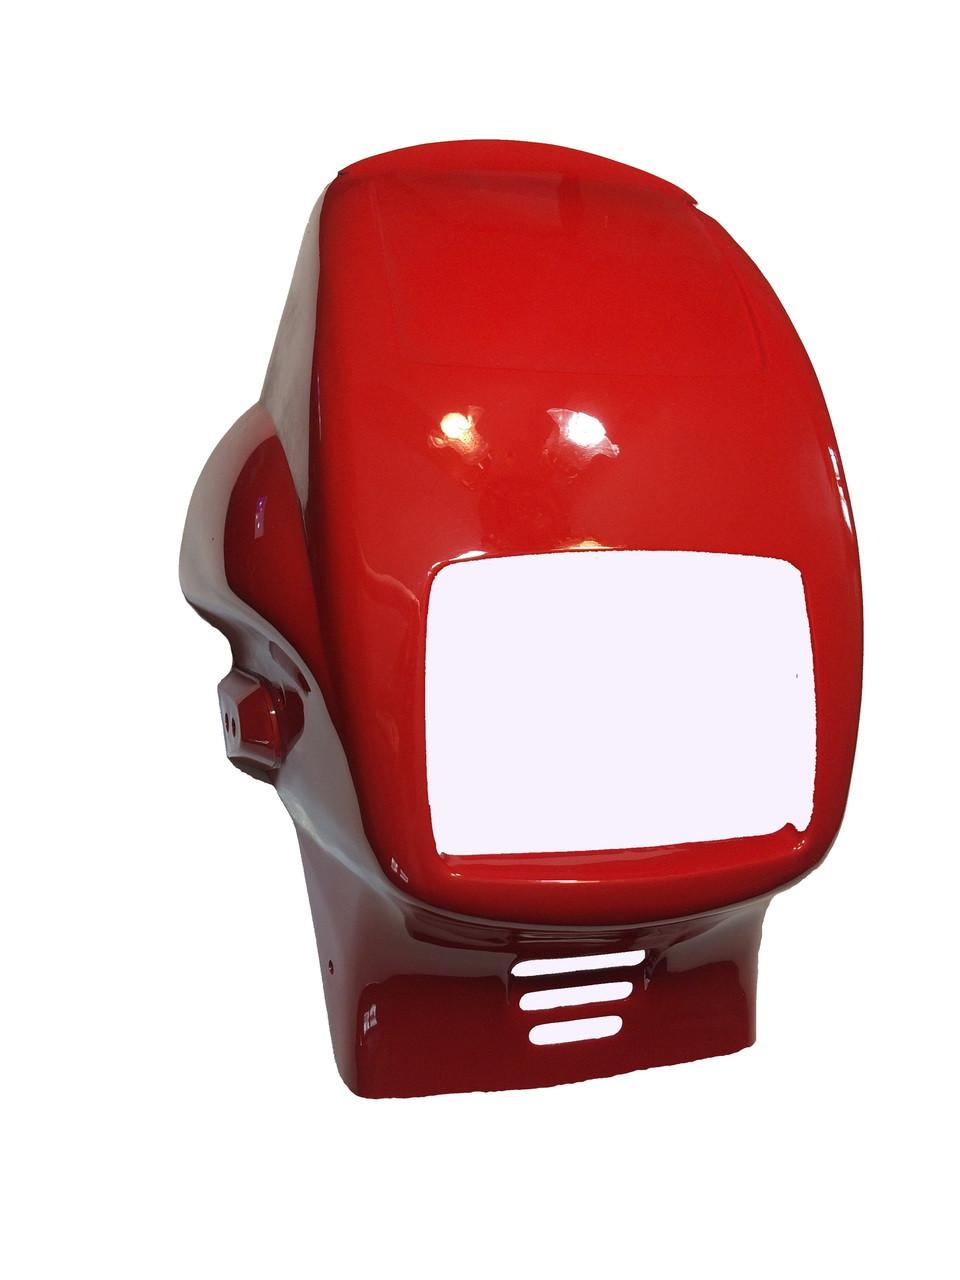 NOS Tomos Headlight Fairing - Red